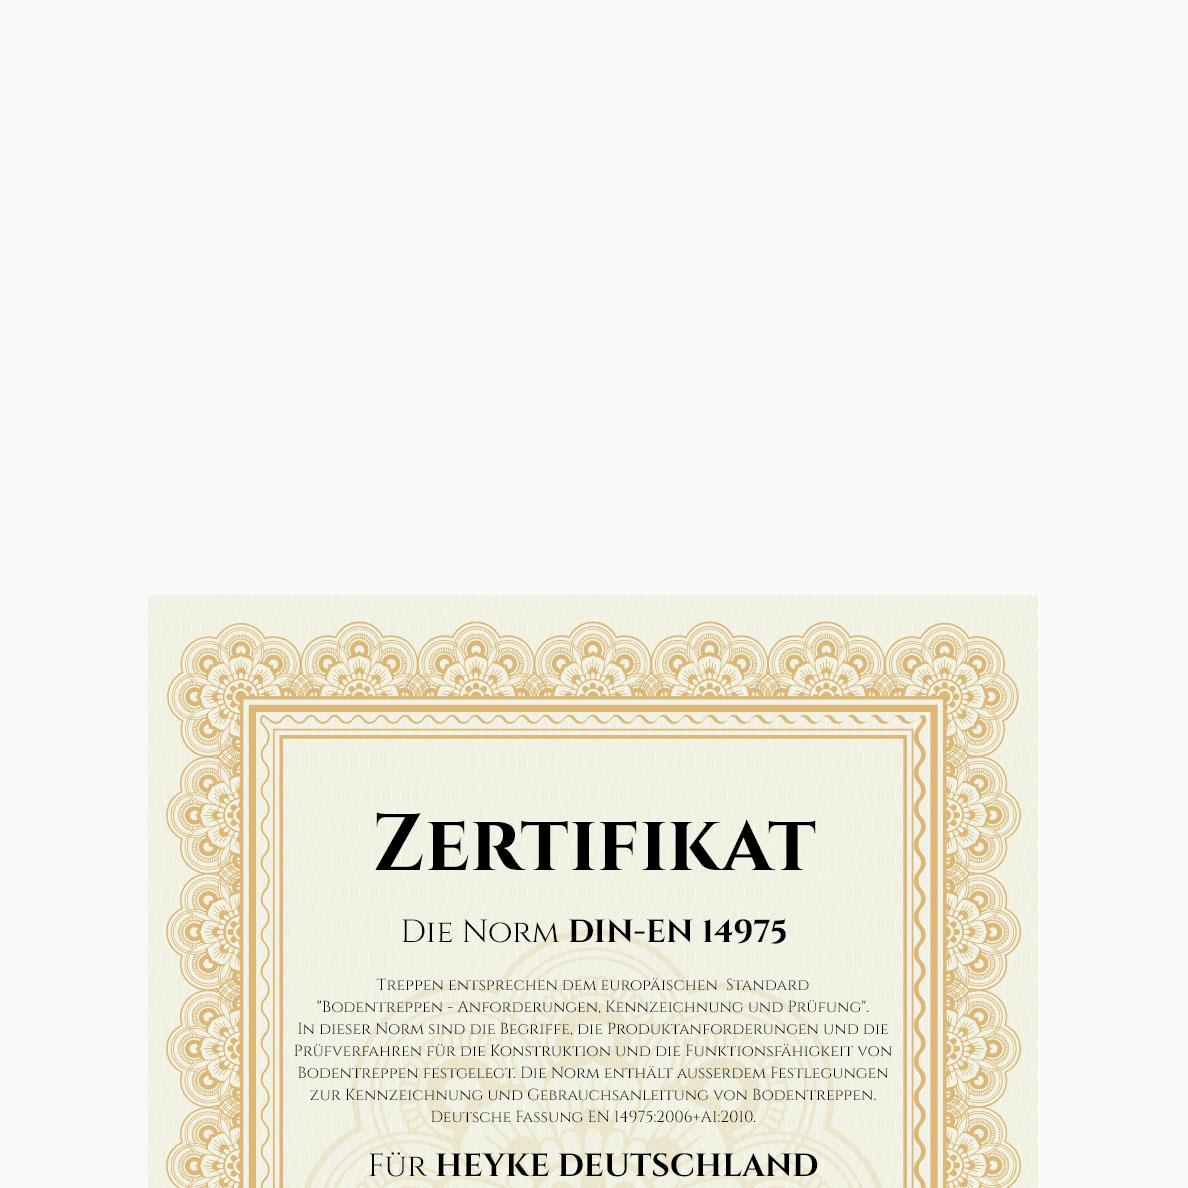 LP1_Zertifikat_D_2020-05-30_22.44.45